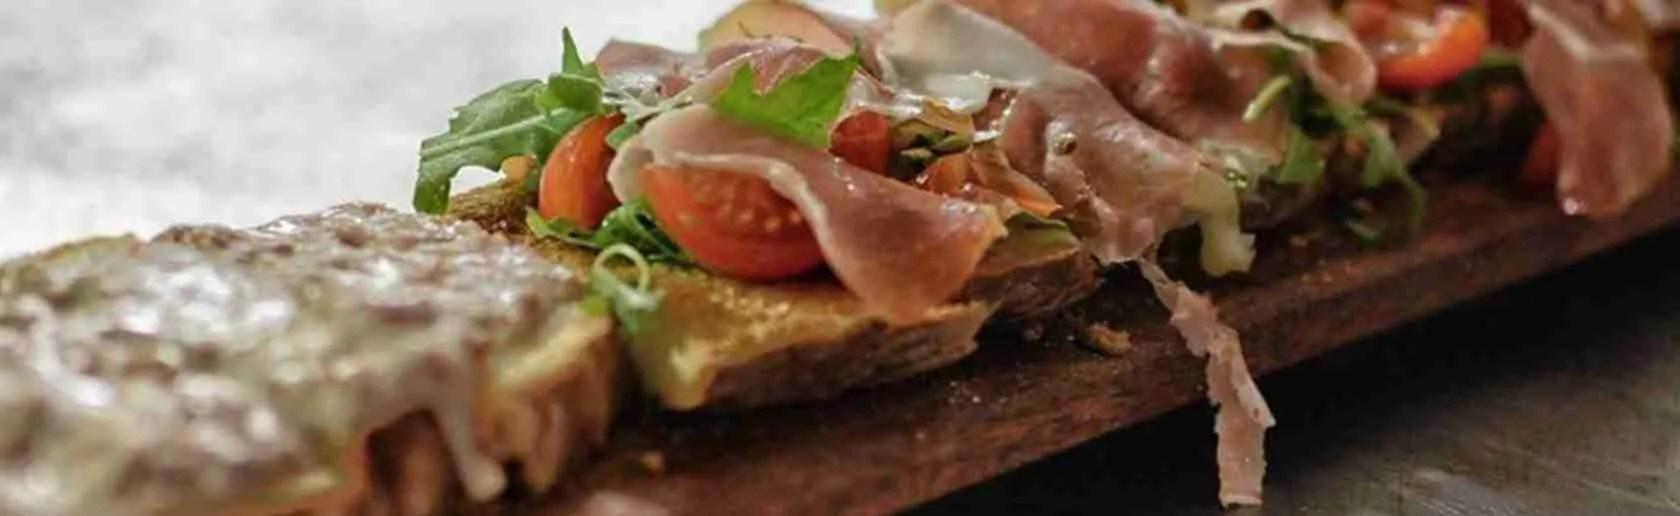 Se vuoi prendere per la gola una escort Firenze, un panino con il lampredotto e un buon calice di vino sono la scelta perfetta a Firenze.